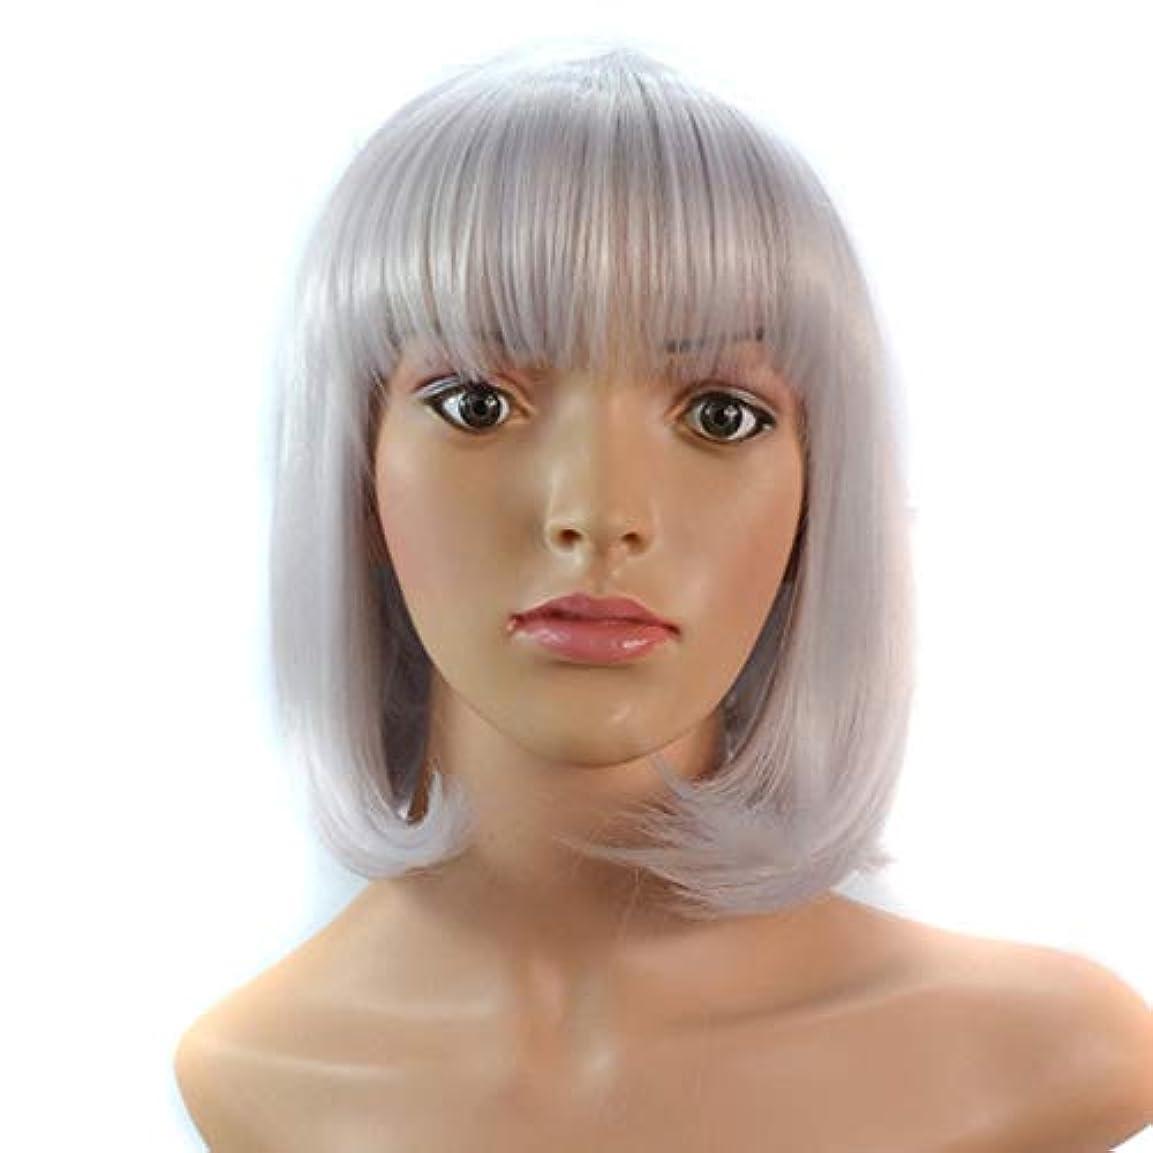 溶けたラッドヤードキップリングYOUQIU 髪の前髪ウィッグを持つ女性のストレートショートボブスタイリッシュな耐熱合成シルバーホワイト色のフルヘアウィッグ (色 : Silver white, サイズ : 40cm)